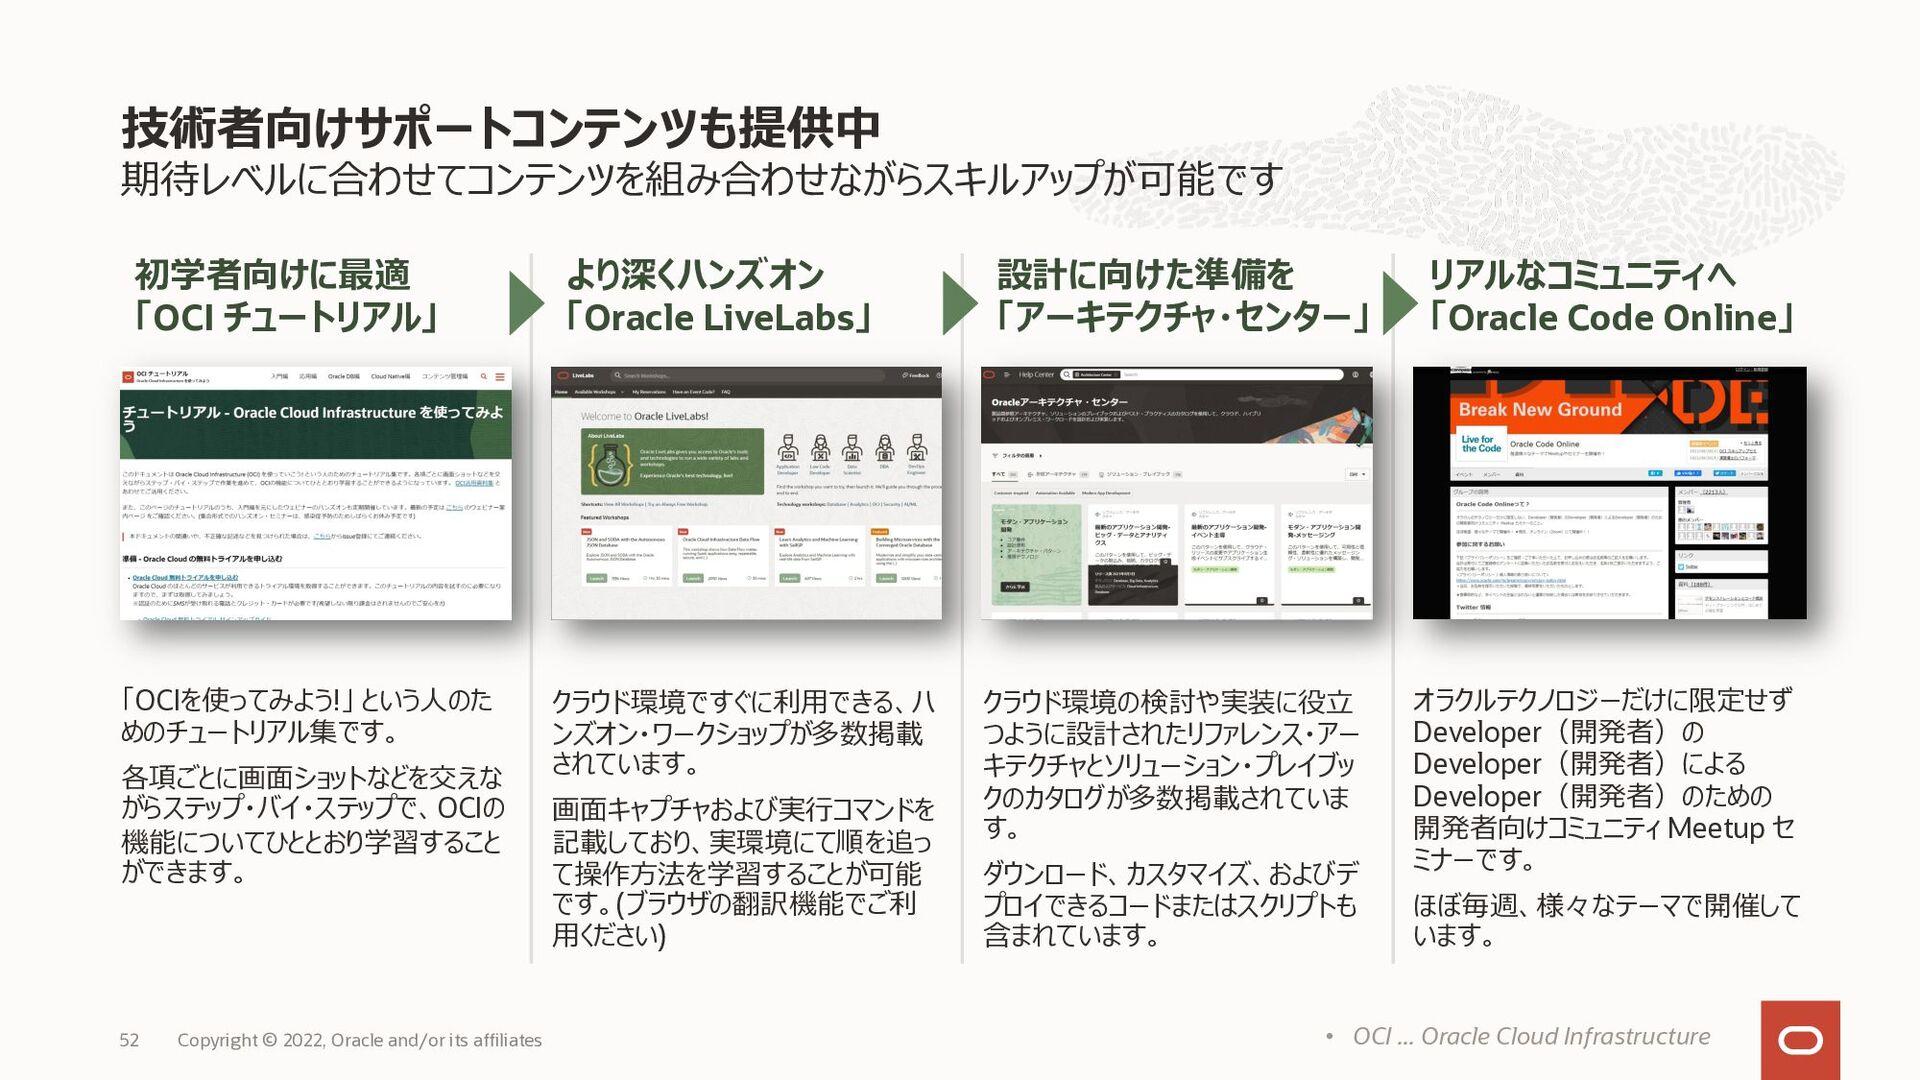 お客様のご利⽤に応じた、柔軟な契約体系モデル Oracle Cloud Infrastruct...